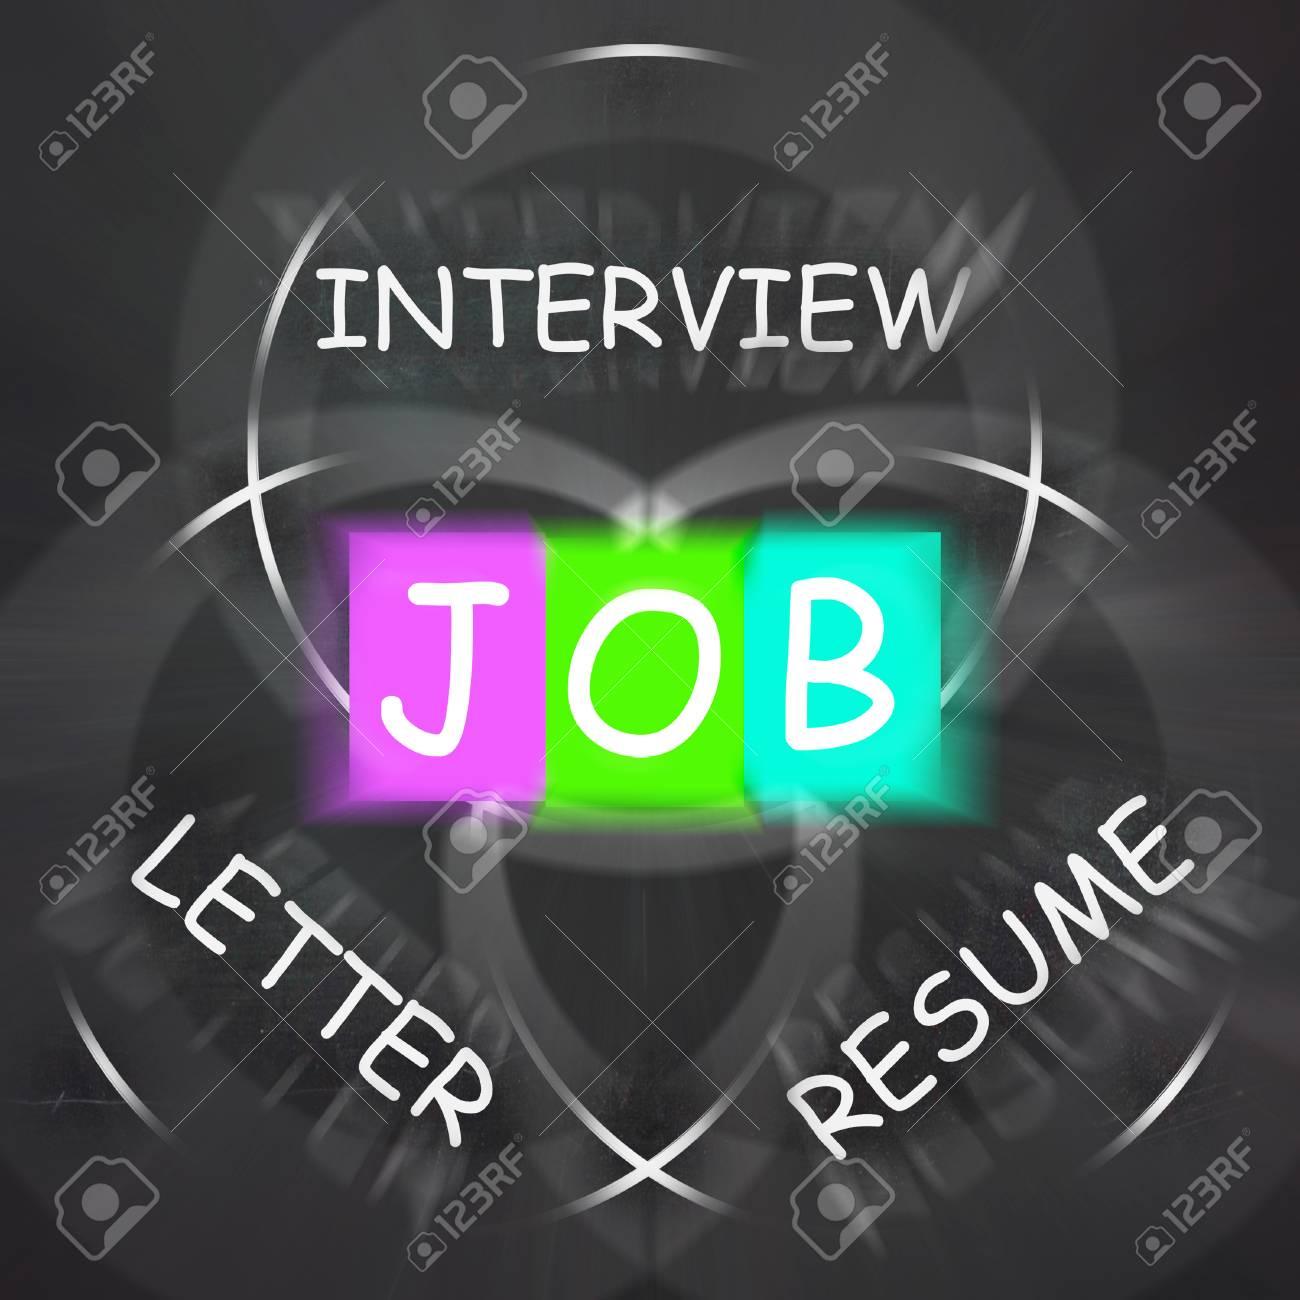 TRABAJO En La Pizarra Viendo Trabajo Entrevista Carta De ...